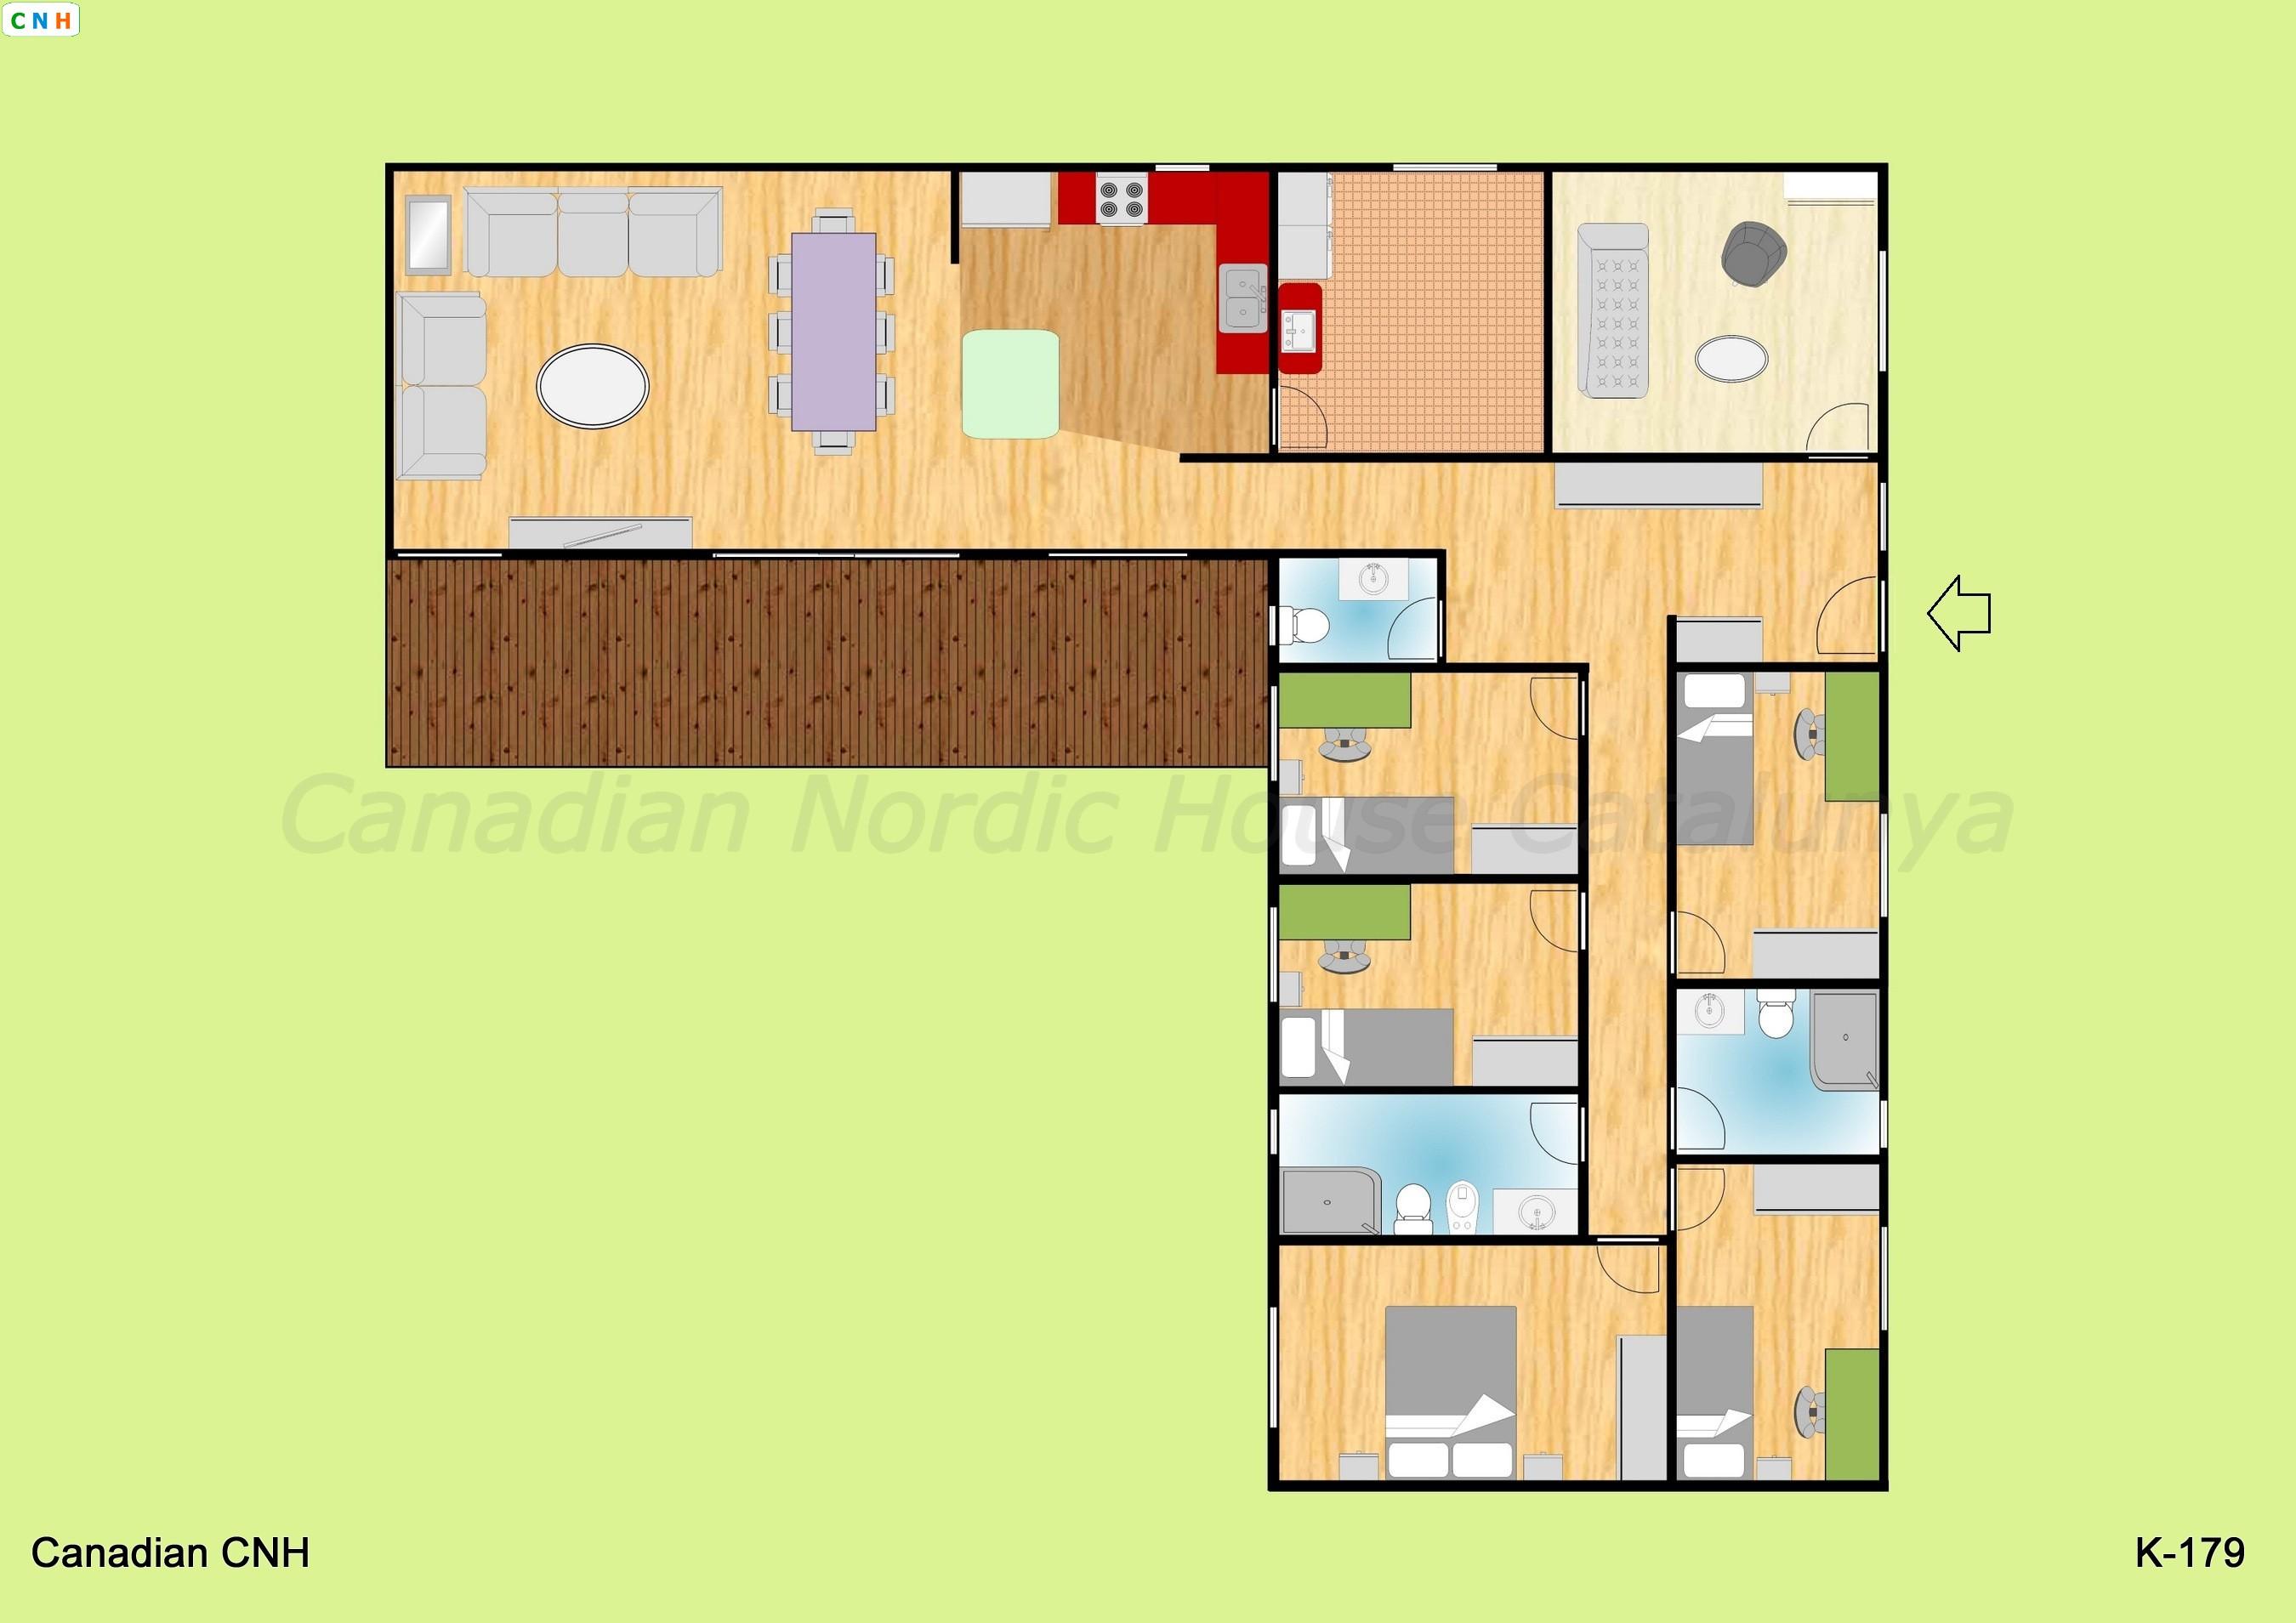 5 habitaciones - Construcciones de casas de madera ...